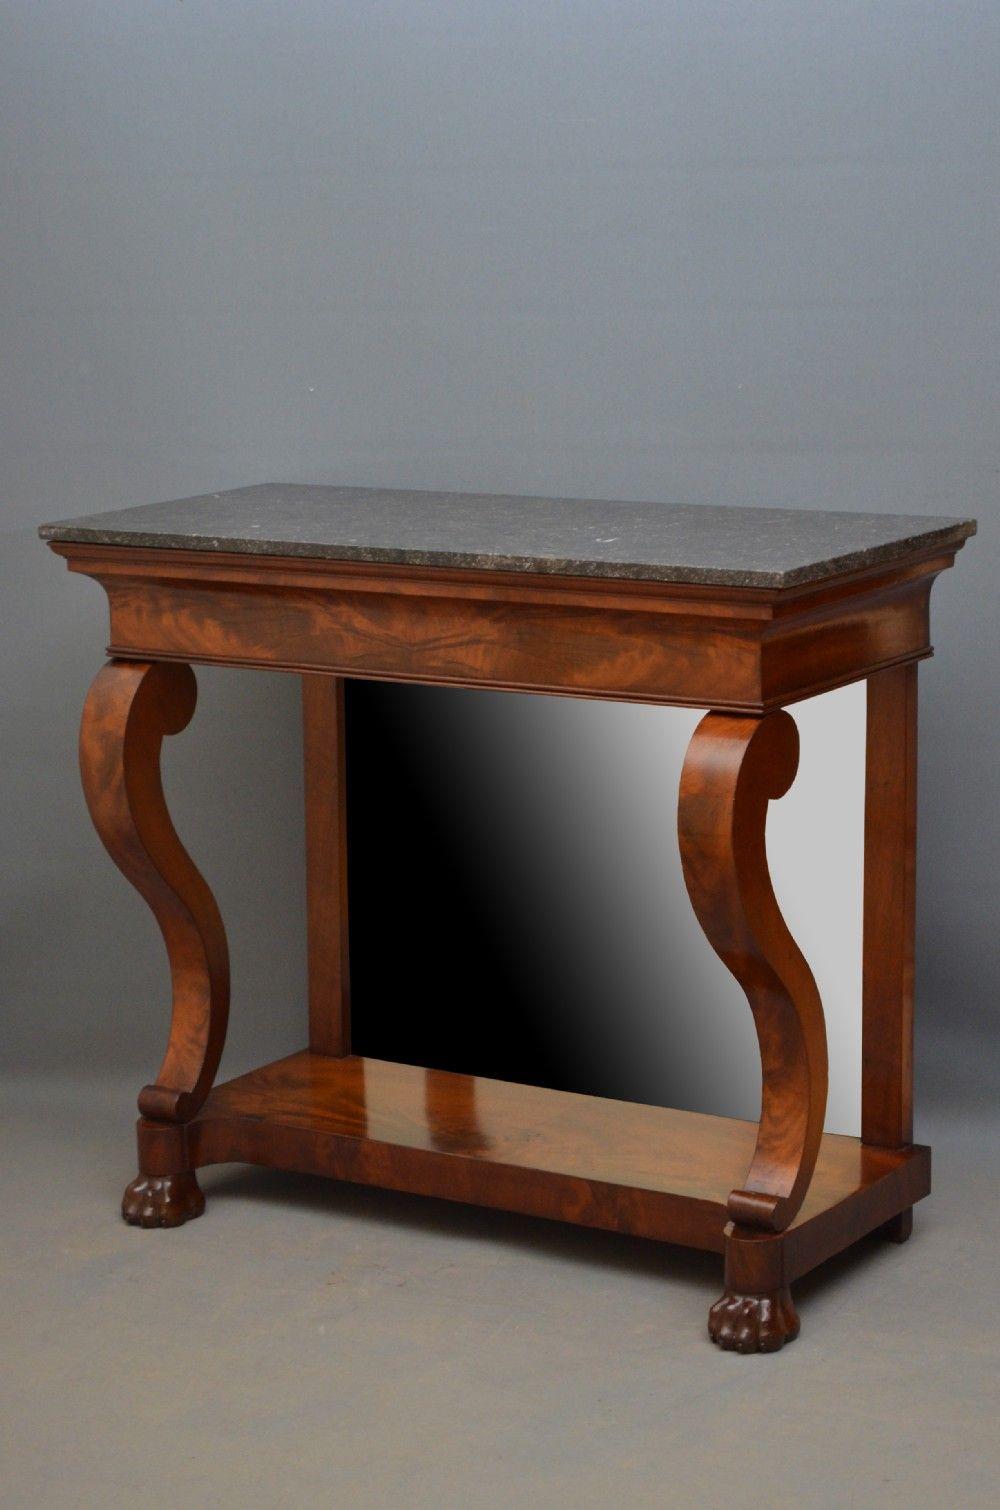 Elegant Regency Mahogany Console Table Hall Table 331944 Hall Table Table Console Table